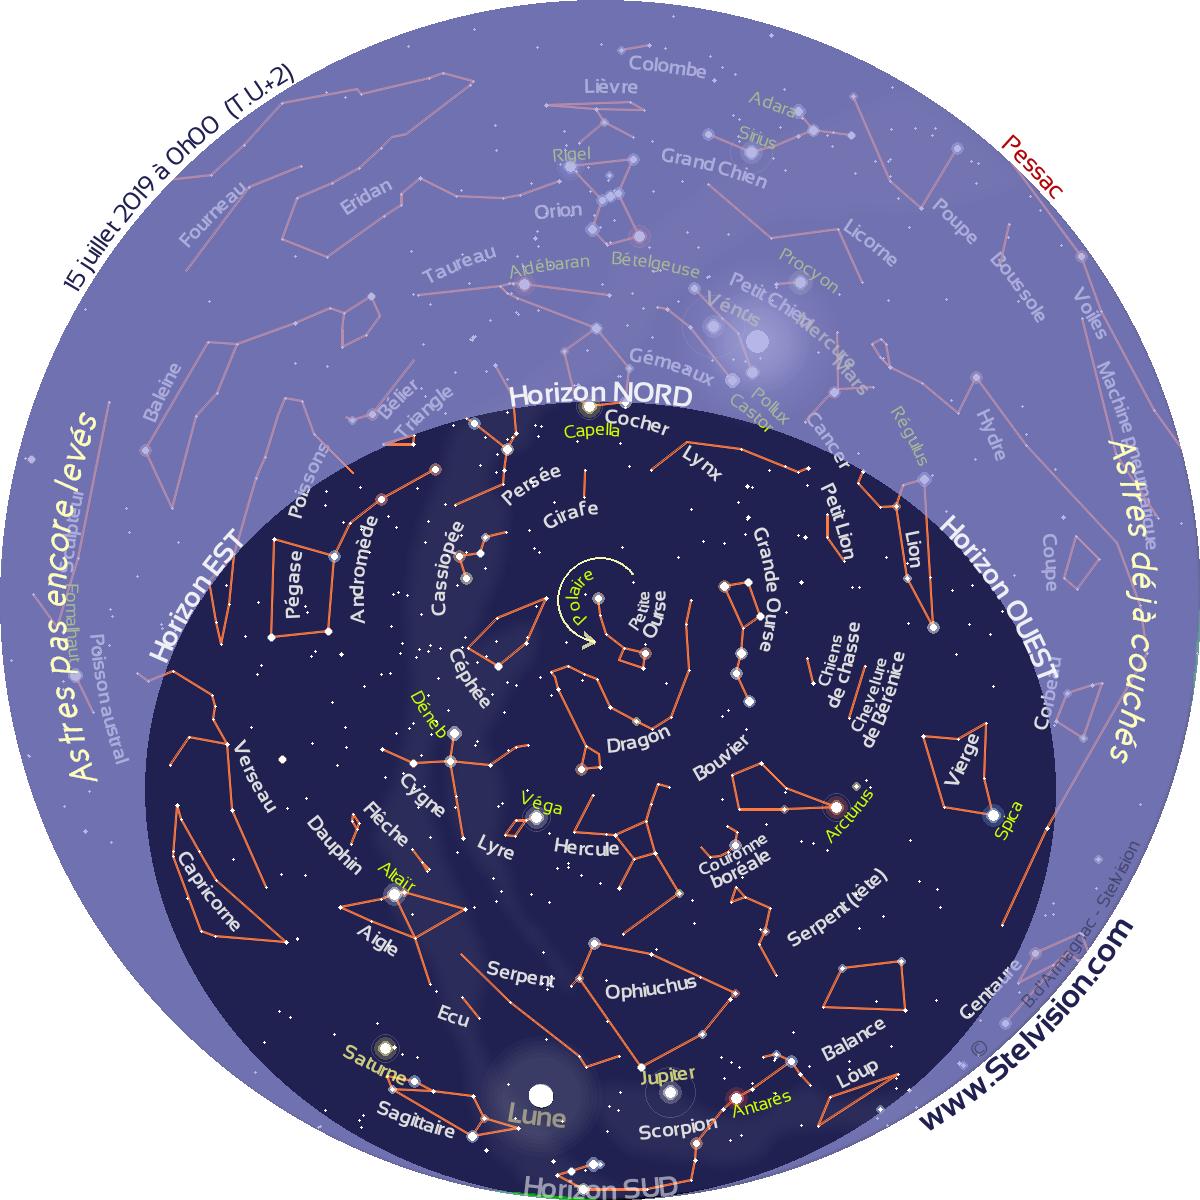 Regarder les étoiles - été 2019 Visu_carte.php?stelmarq=C&mode_affichage=normal&req=stel&date_j_carte=15&date_m_carte=7&date_a_carte=2019&heure_h=0&heure_m=0&longi=-0.6166667&lat=44.8&lieu=Pessac&tzone=1